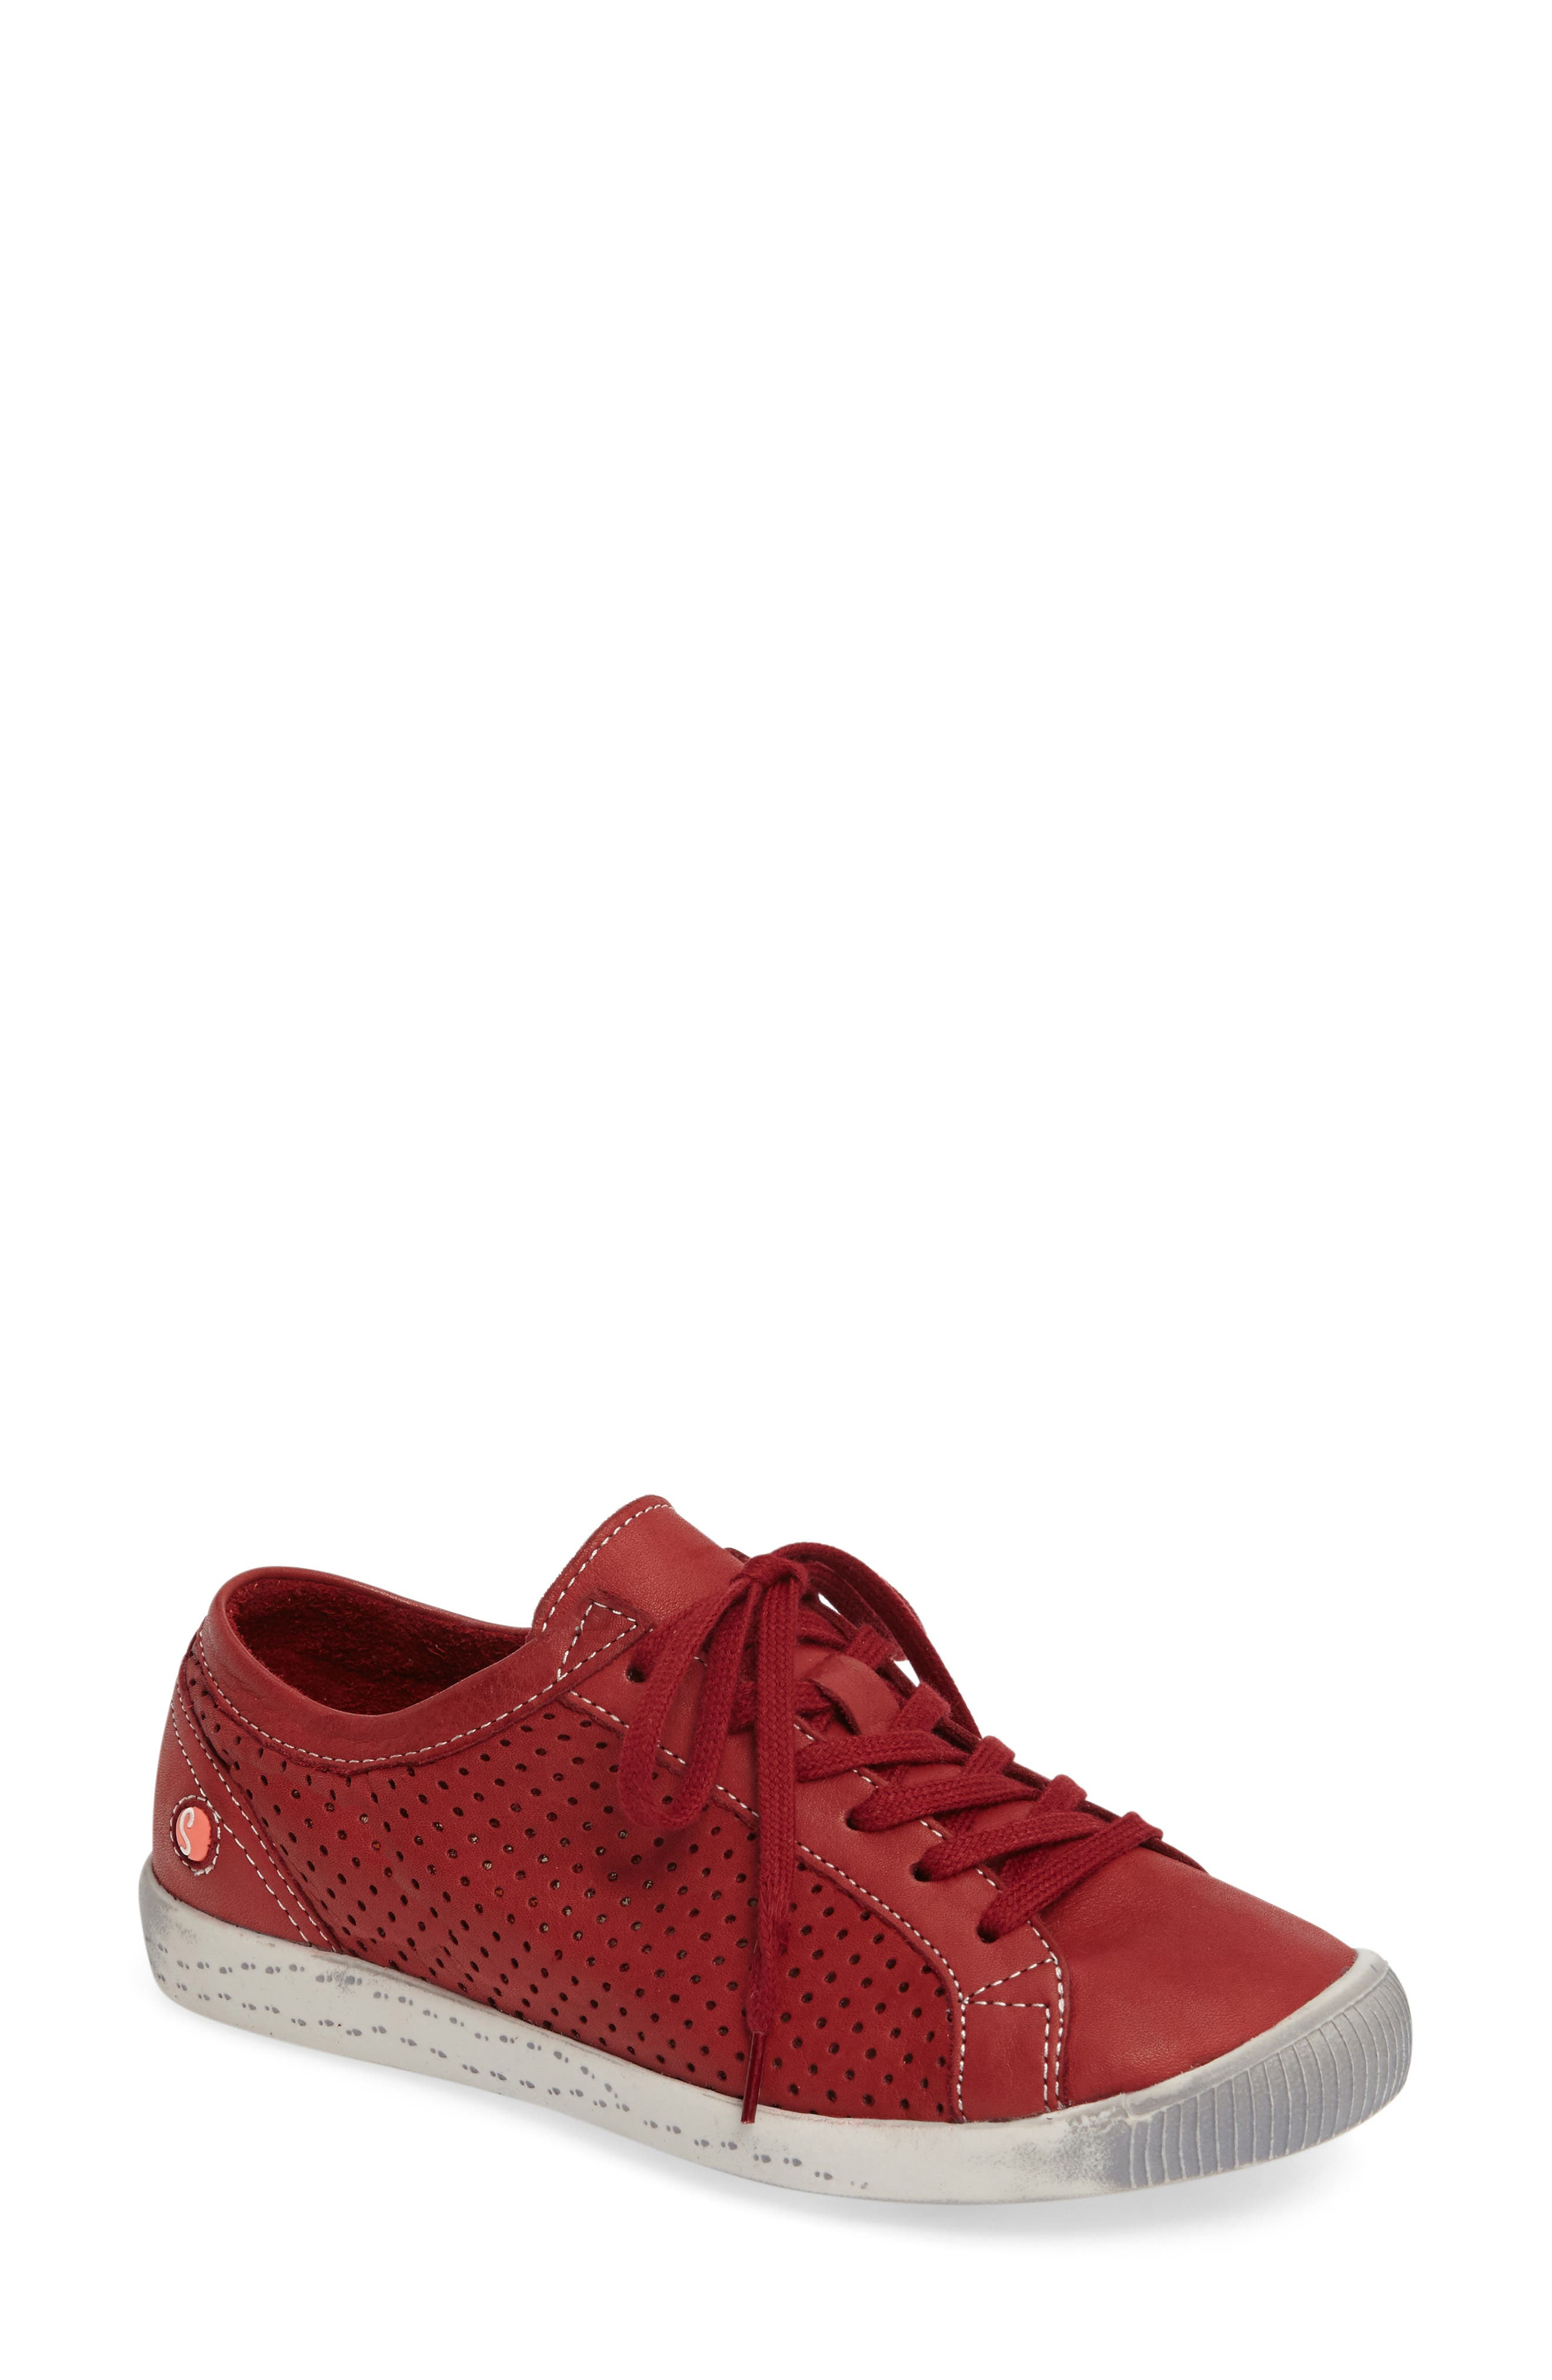 Fly London Ica Sneaker (Women)